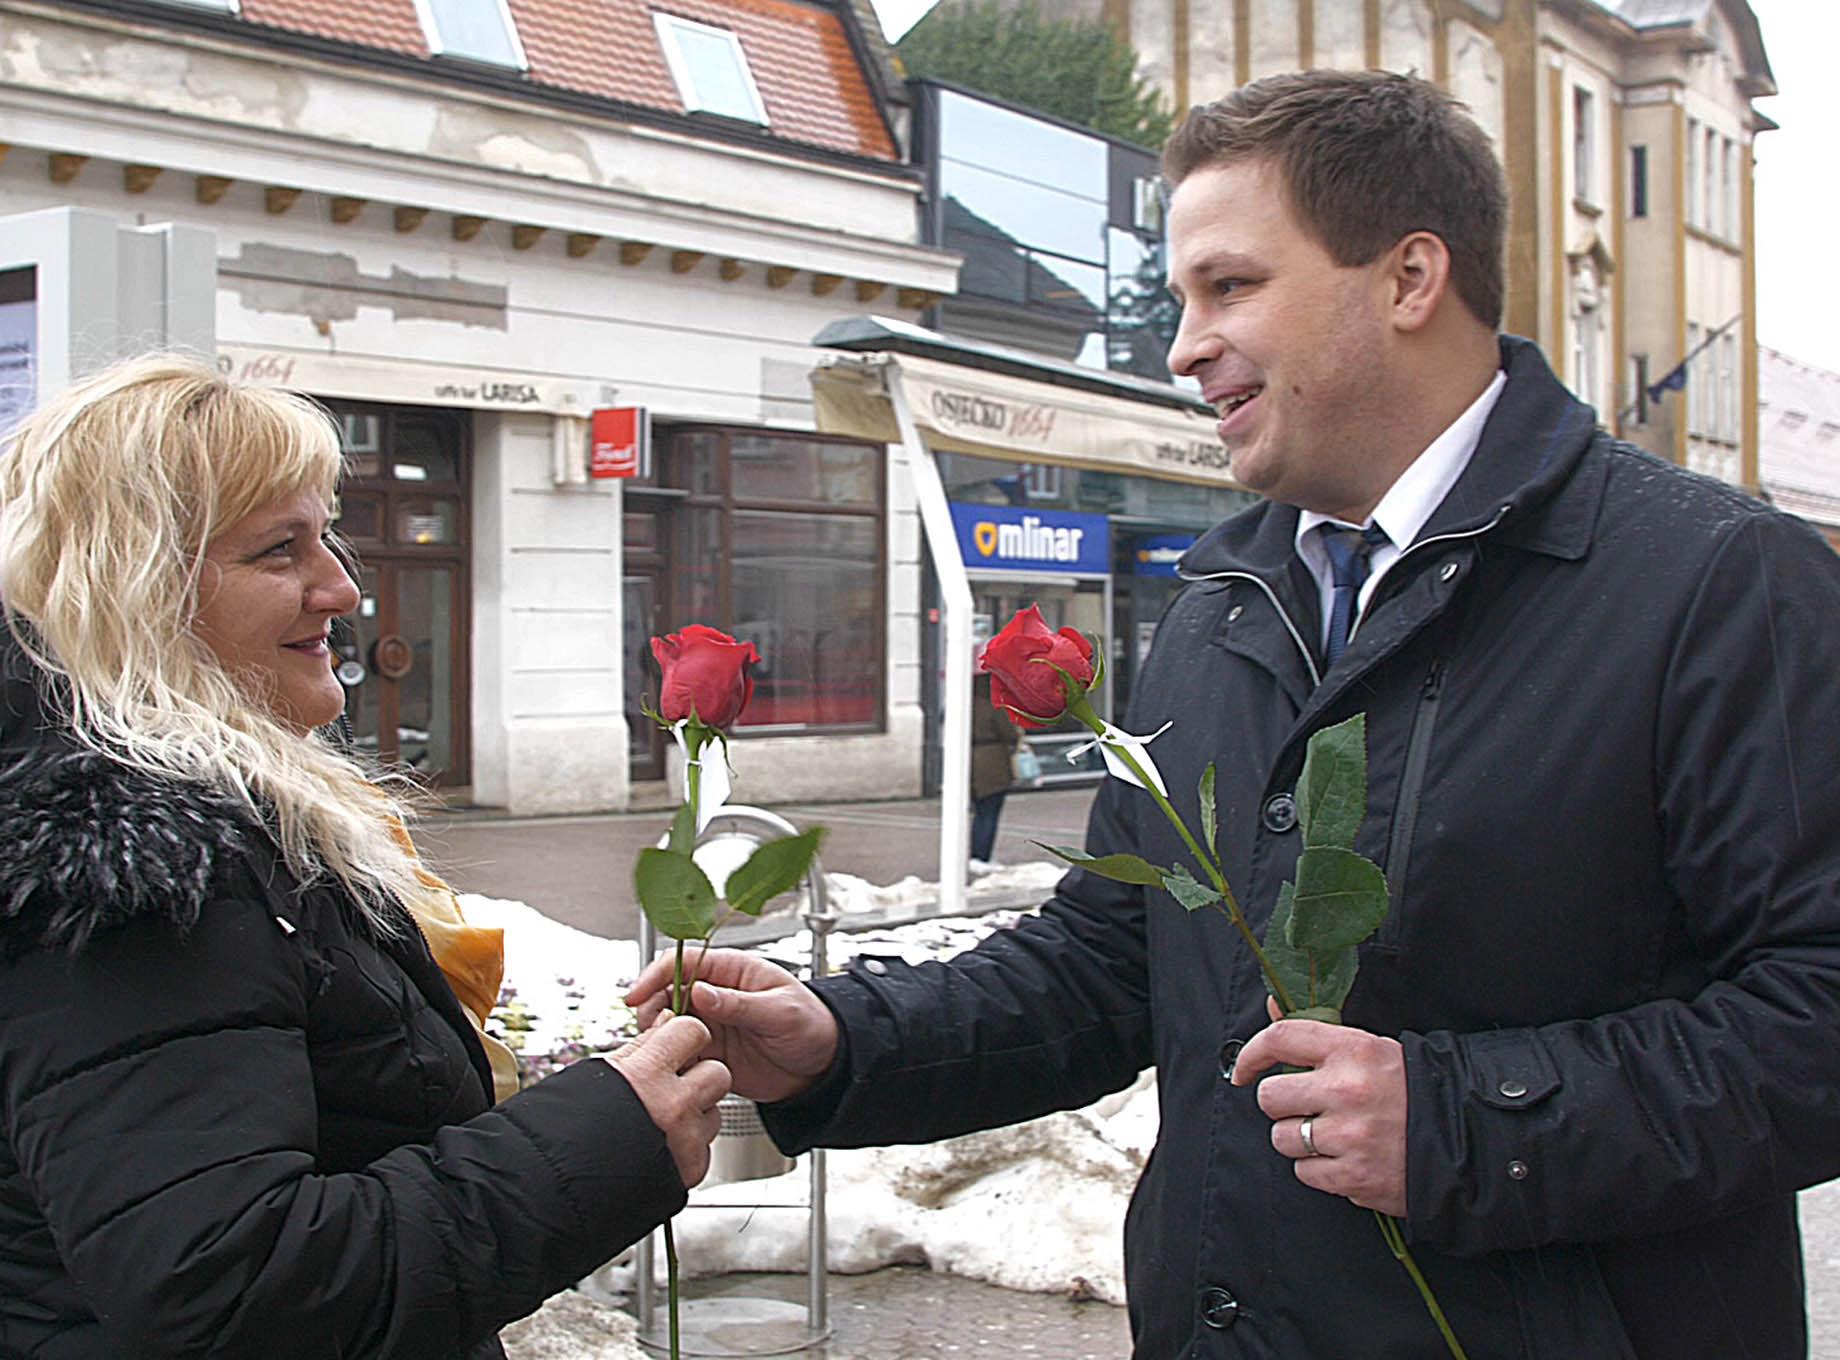 Gradonačelnik Marin Mandarić dijeliio ruže povodom Dana žena na korzu